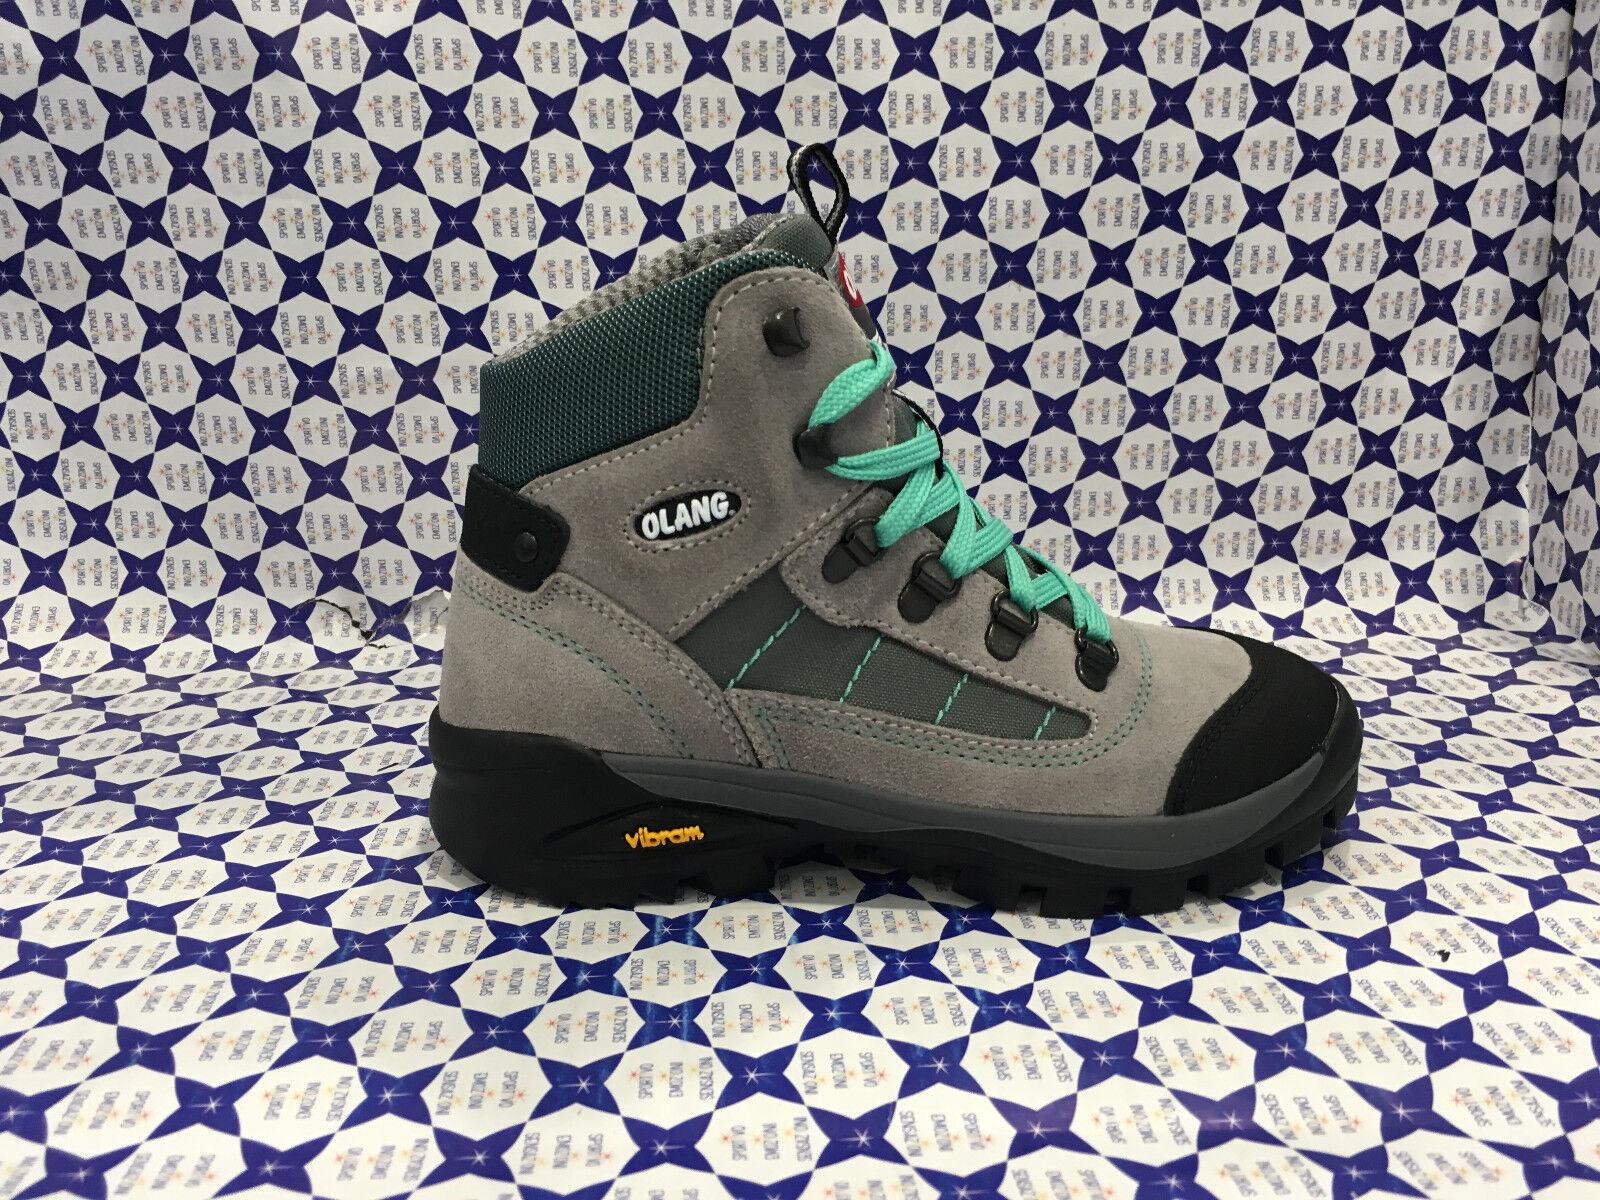 shoes Trekking Olang  Junior Bimba - Tarvisio Tex - grey green - TARVIKID509  best price